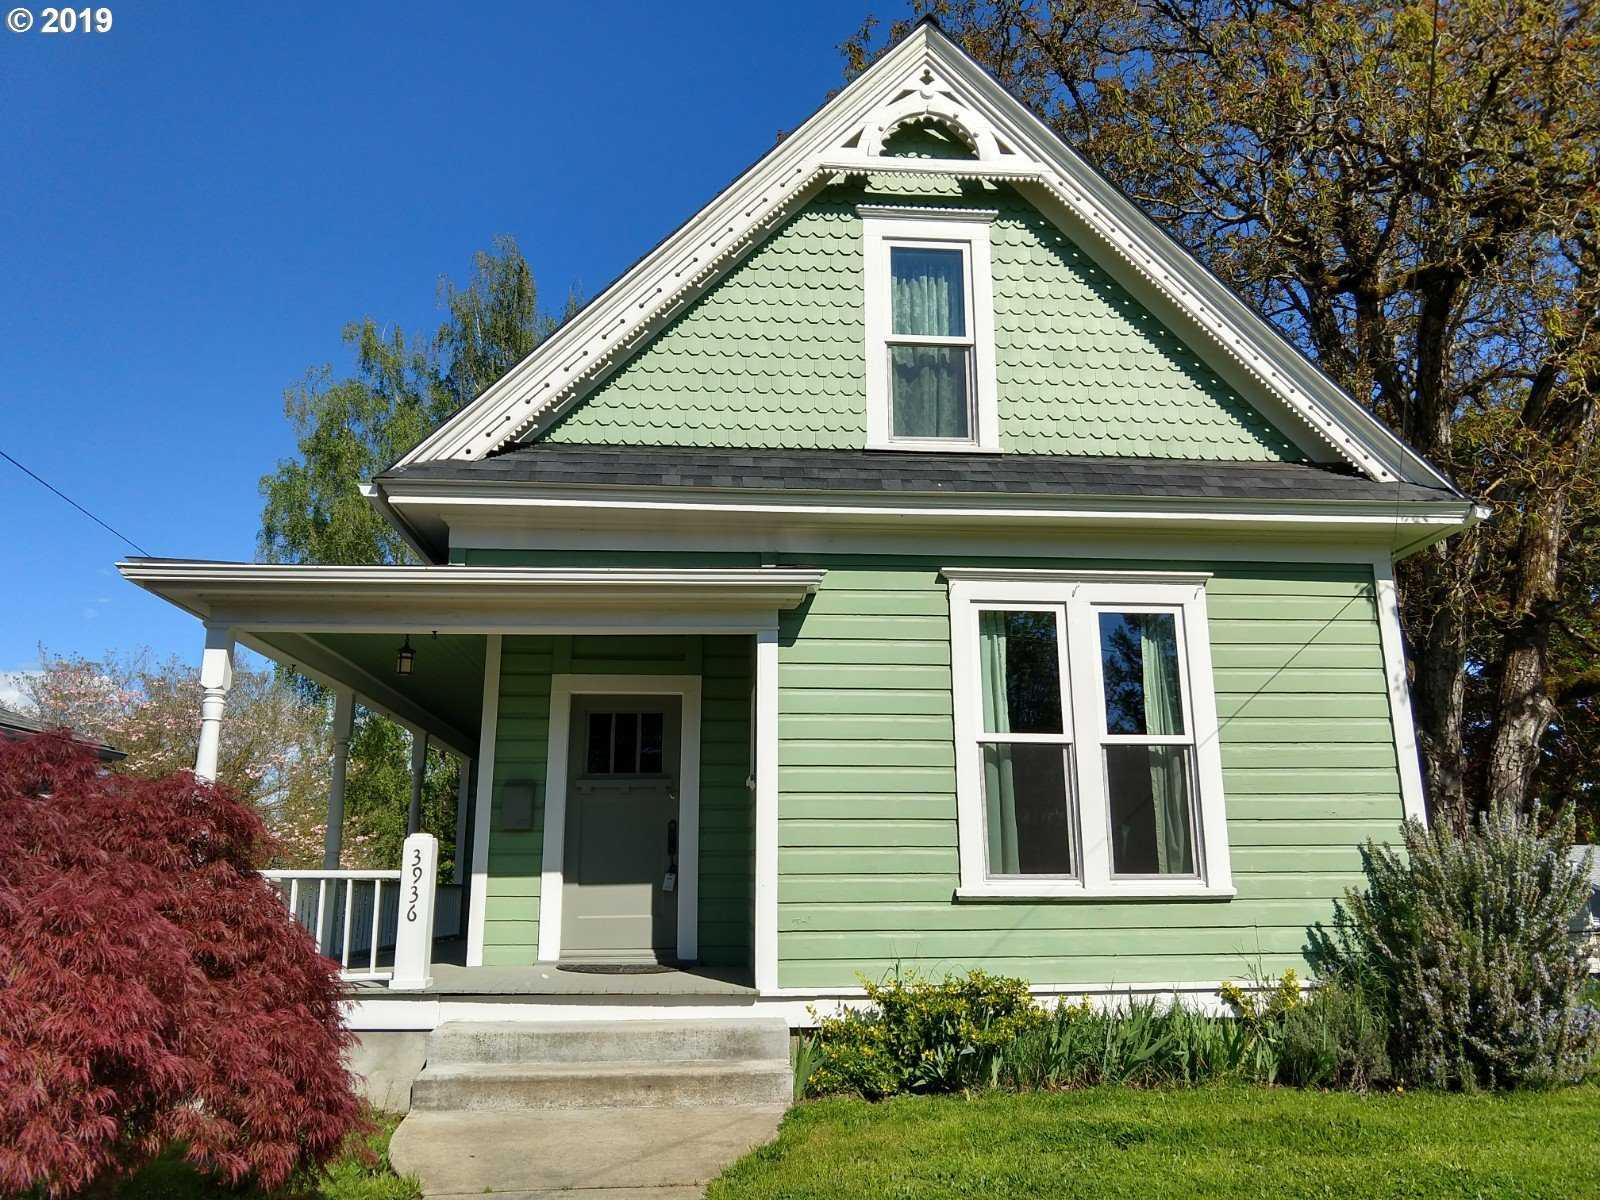 $519,000 - 3Br/2Ba -  for Sale in Creston, Portland